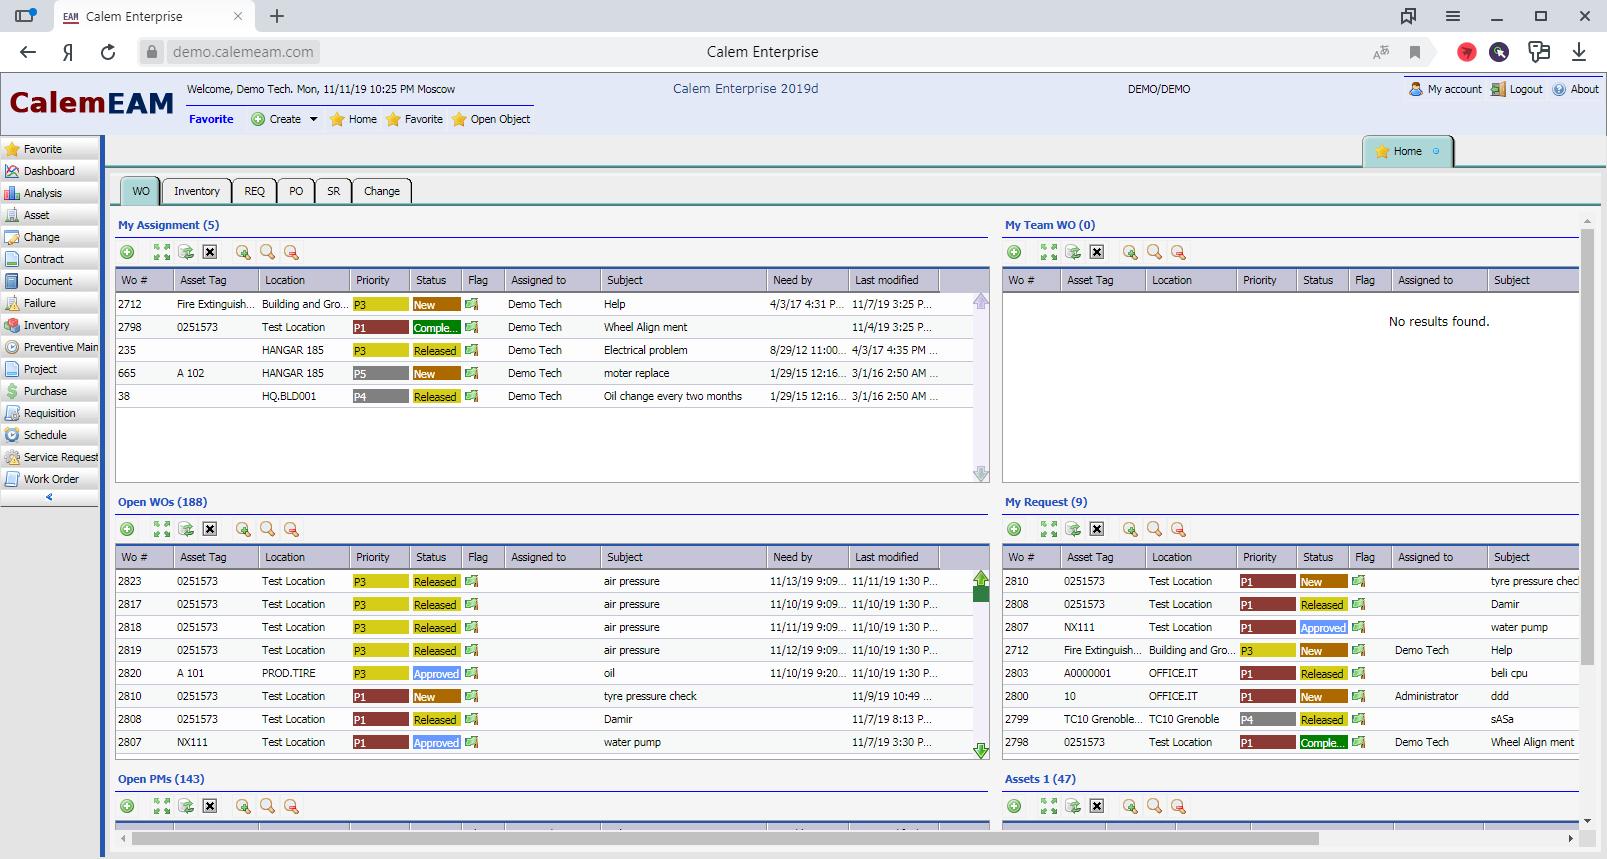 Просмотр информации о нарядах на работы в системе управления активами предприятия CalemEAM